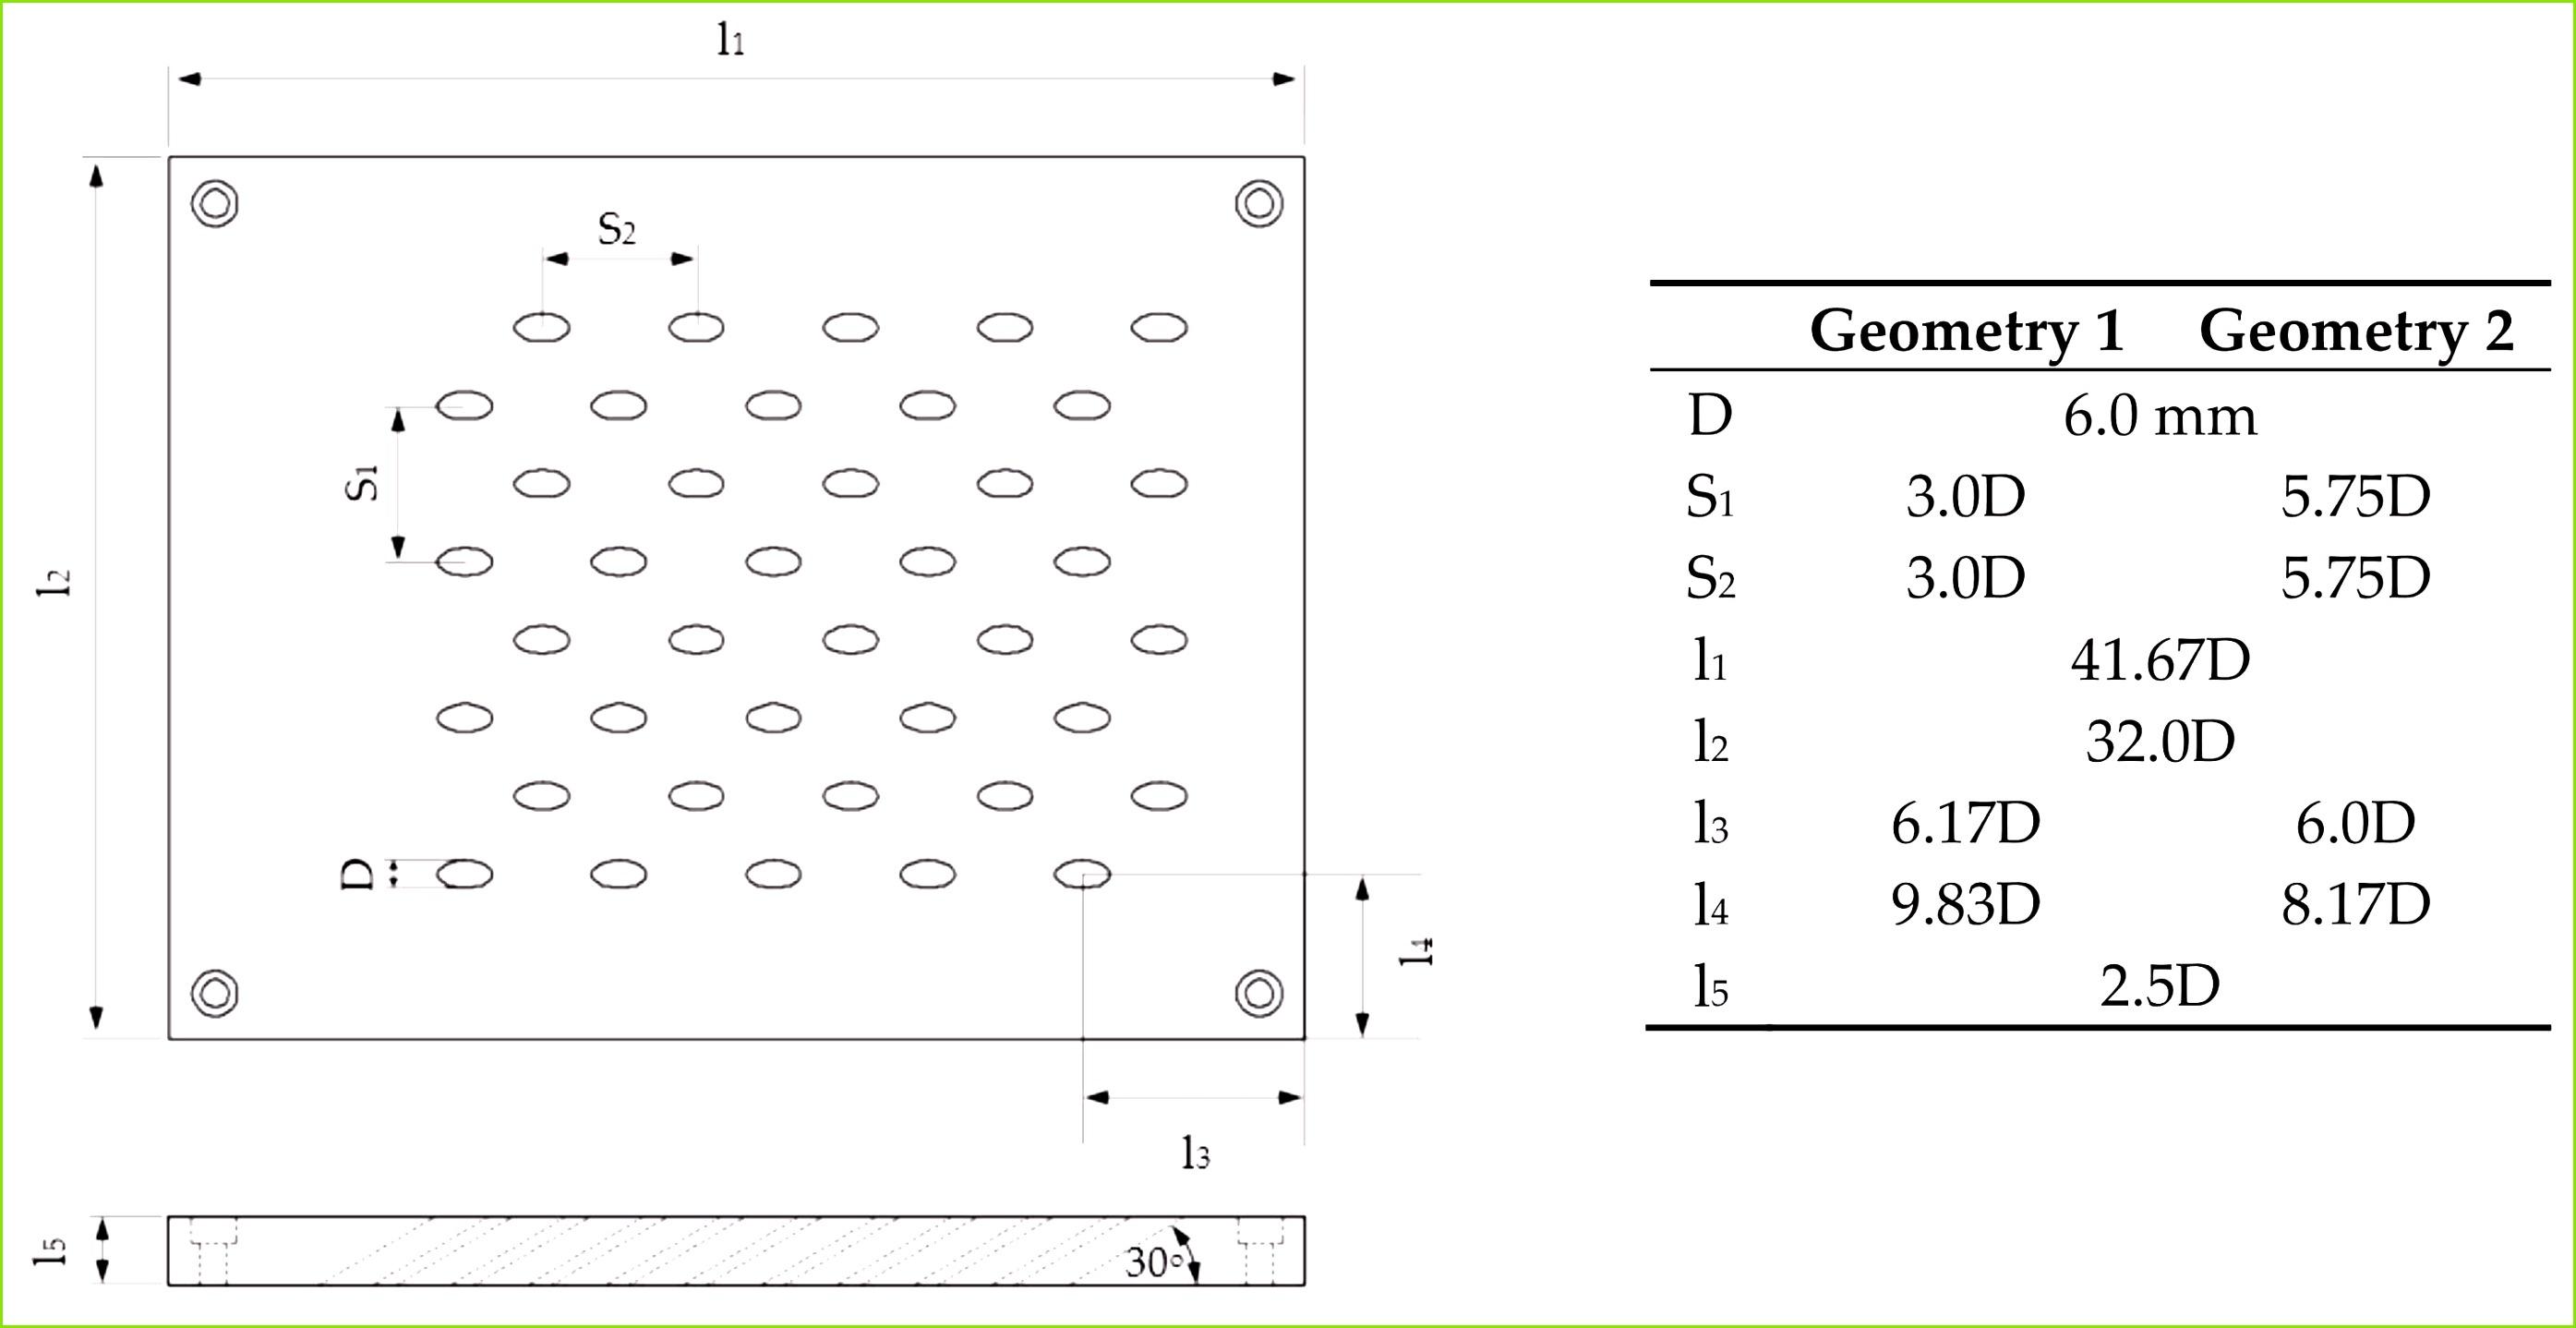 Vorlage Briefpapier Schön Briefpapier Vorlage Kostenlos Vorstellung – Verschiedenelvyntj 28 Vorlage Briefpapier